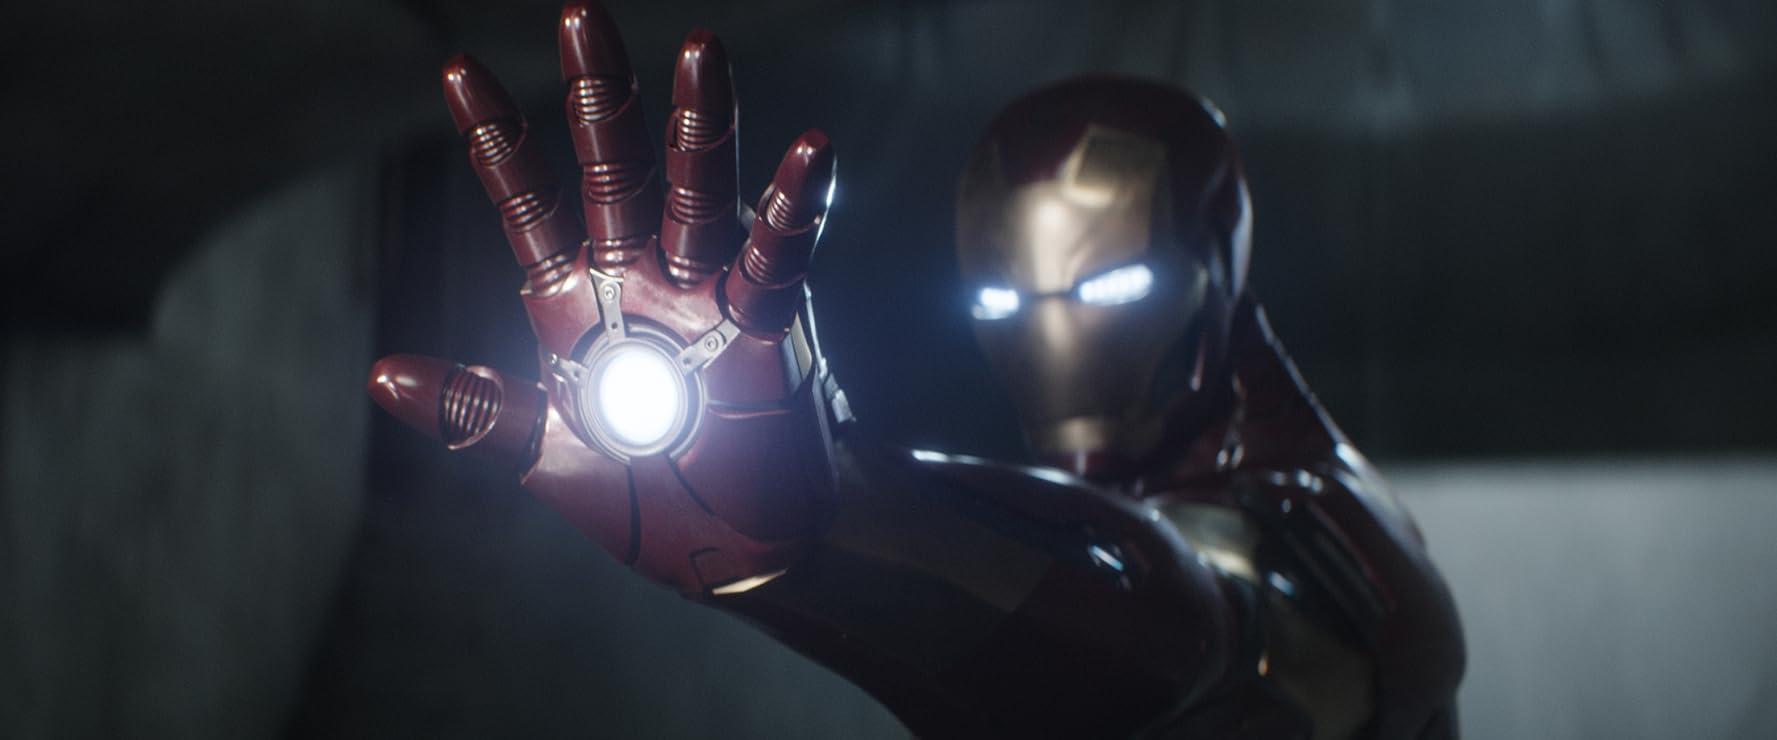 Robert Downey Jr. in Captain America: Civil War (2016)